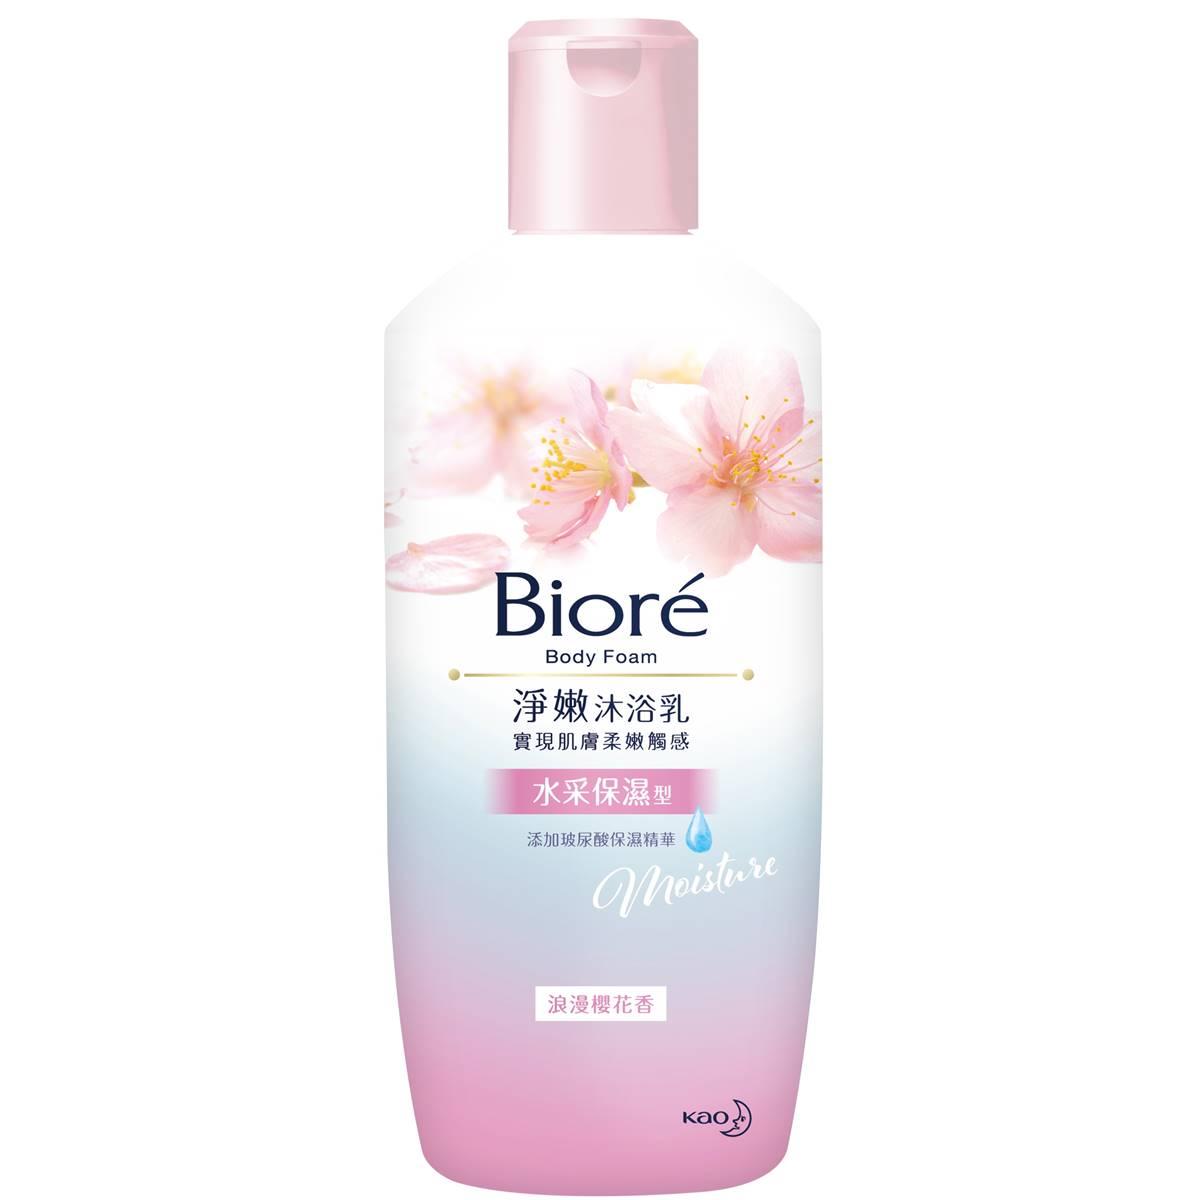 蜜妮Biore淨嫩沐浴乳浪漫櫻花香水采保濕型300g【康是美】